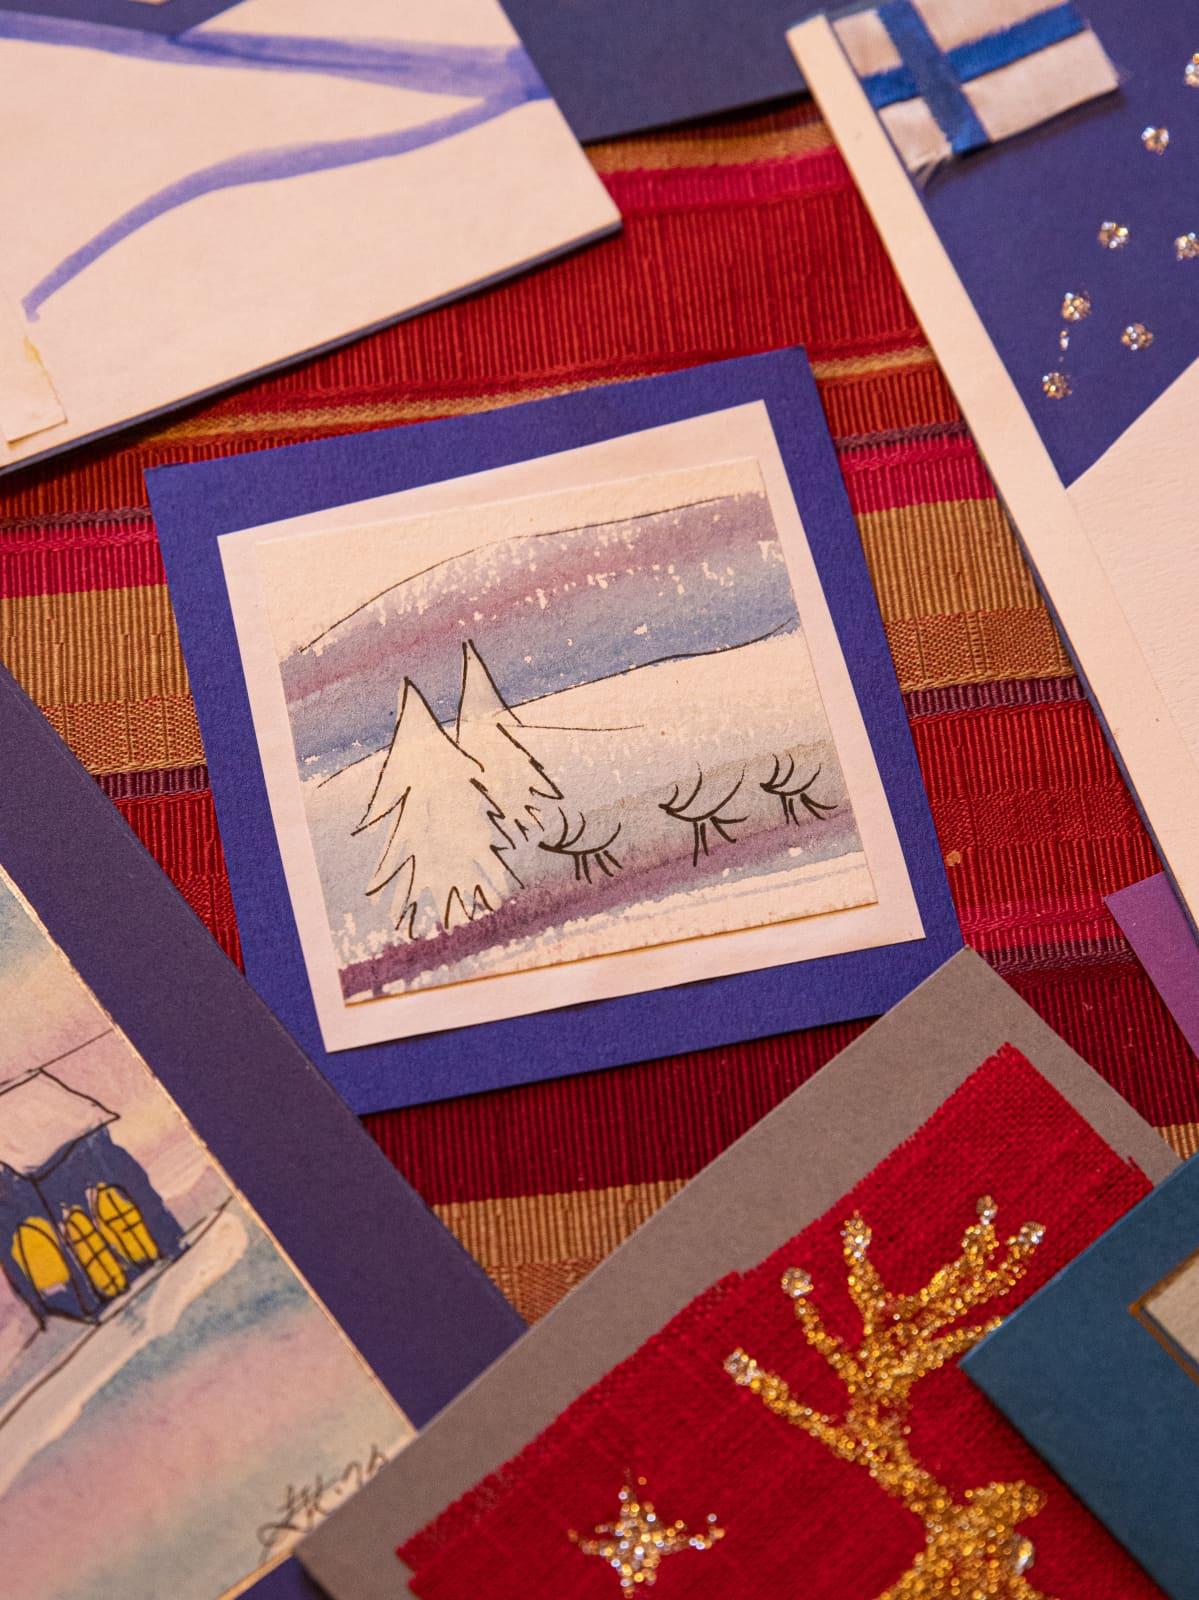 Leena Kaijansinkon tekemiä joulukortteja.